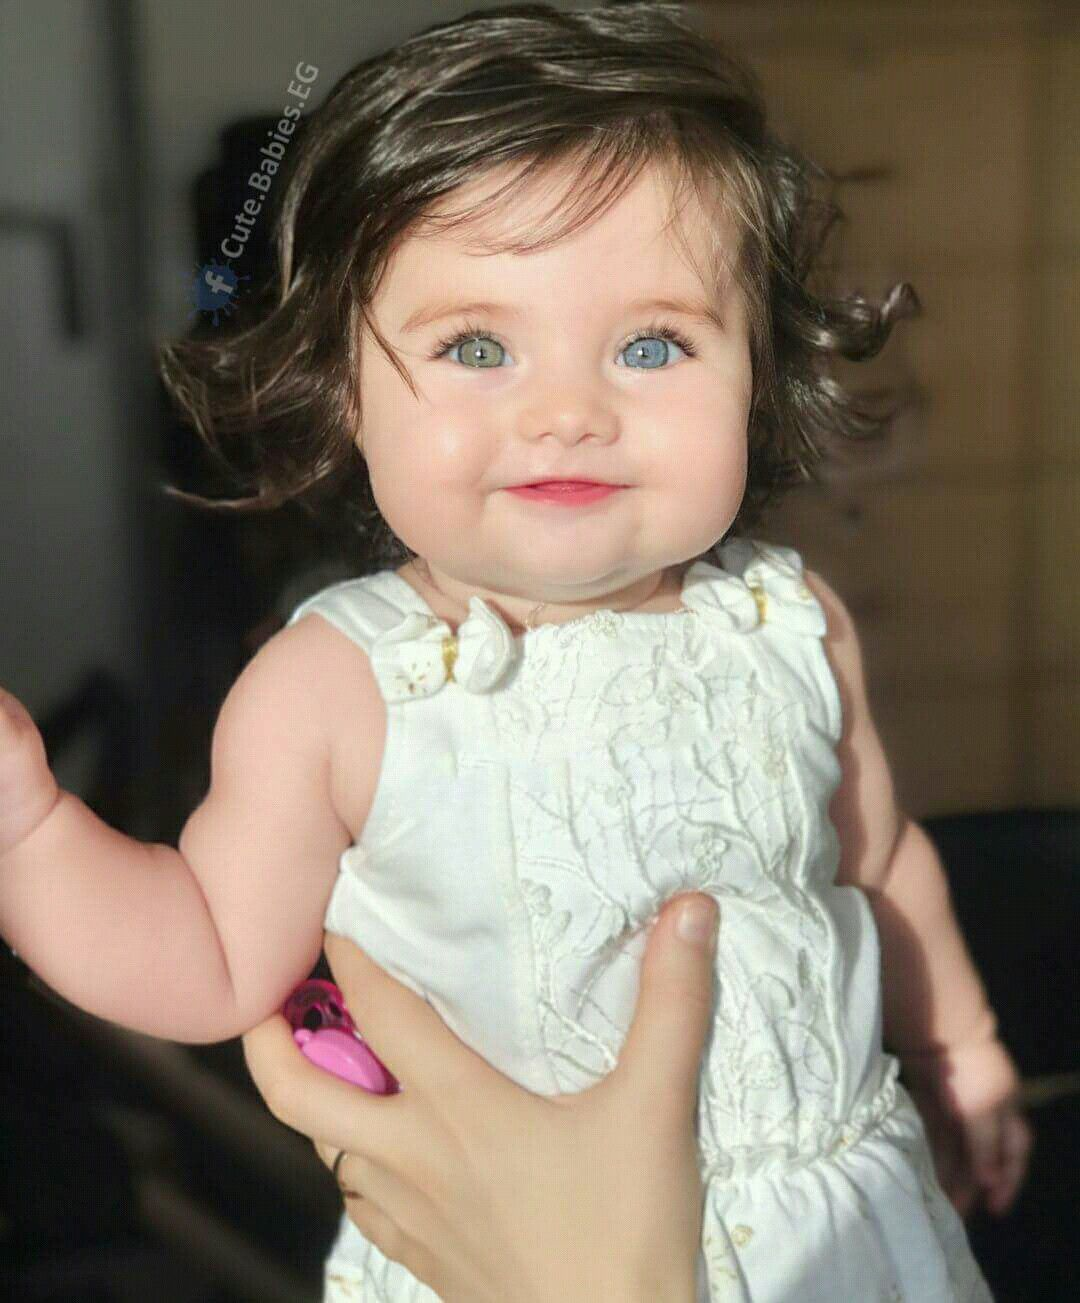 Baby Blue 3 Criancas Fofas Criancas Lindas